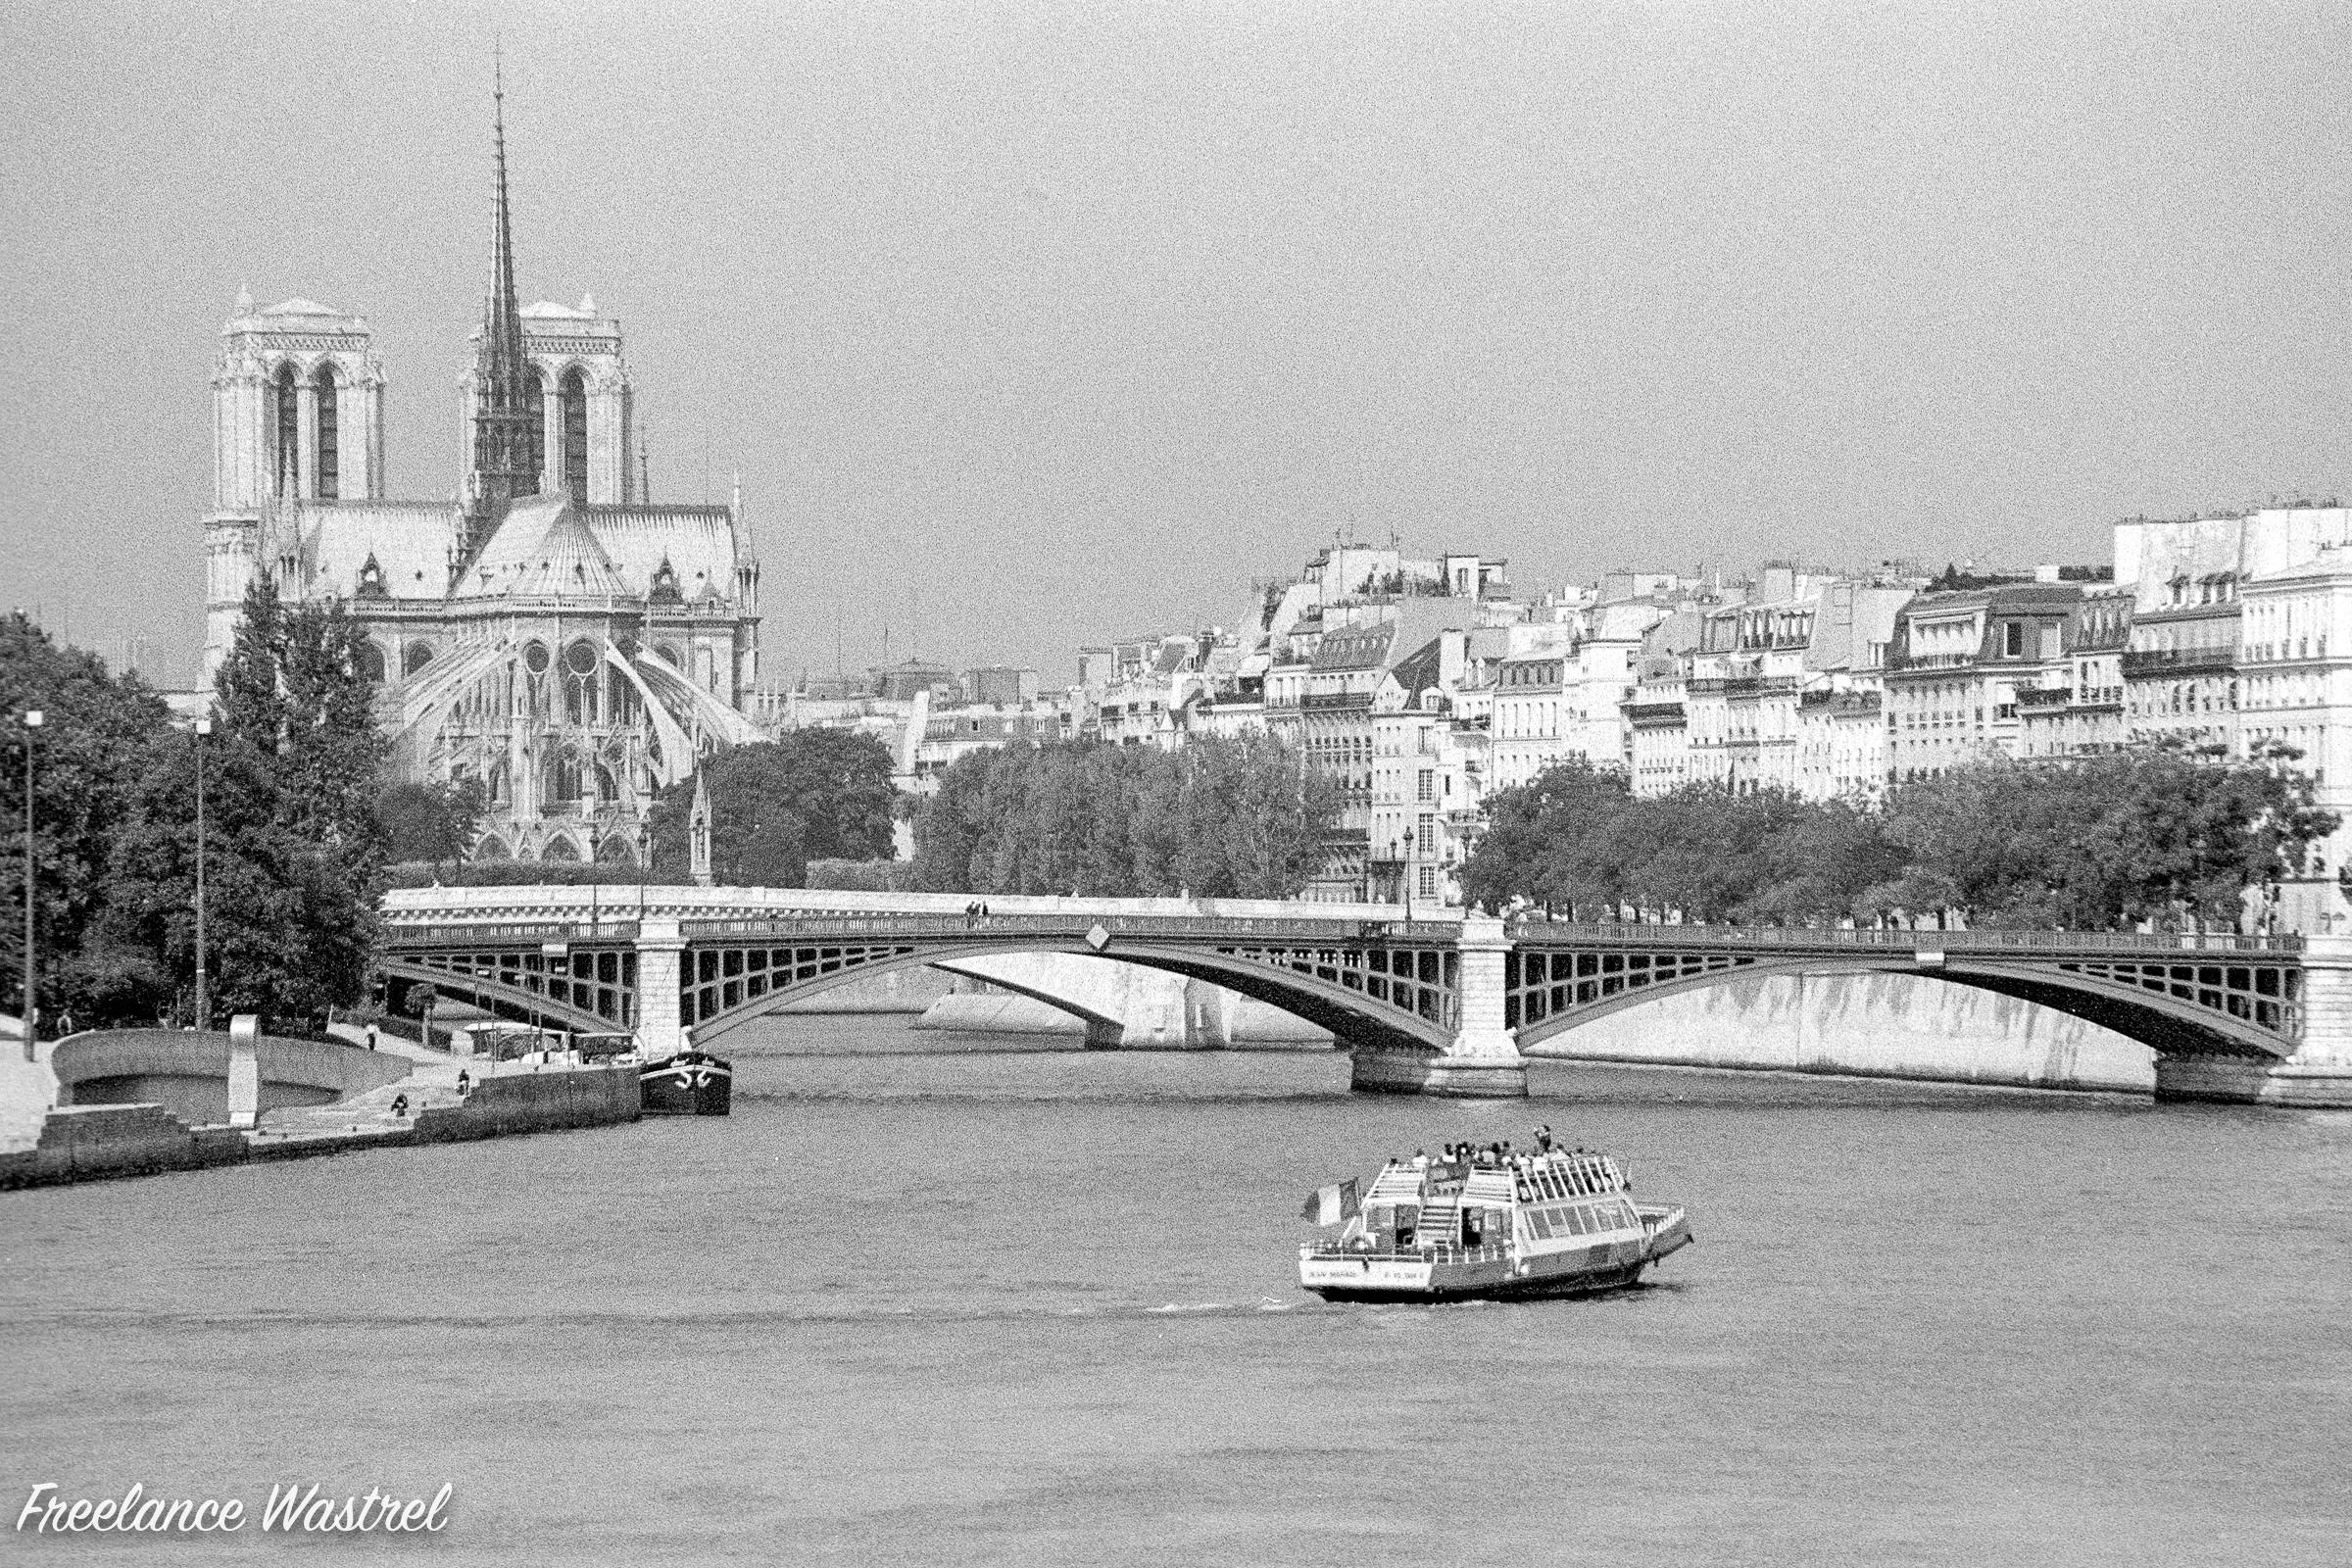 Cathédrale Notre-Dame de Paris, September 2000